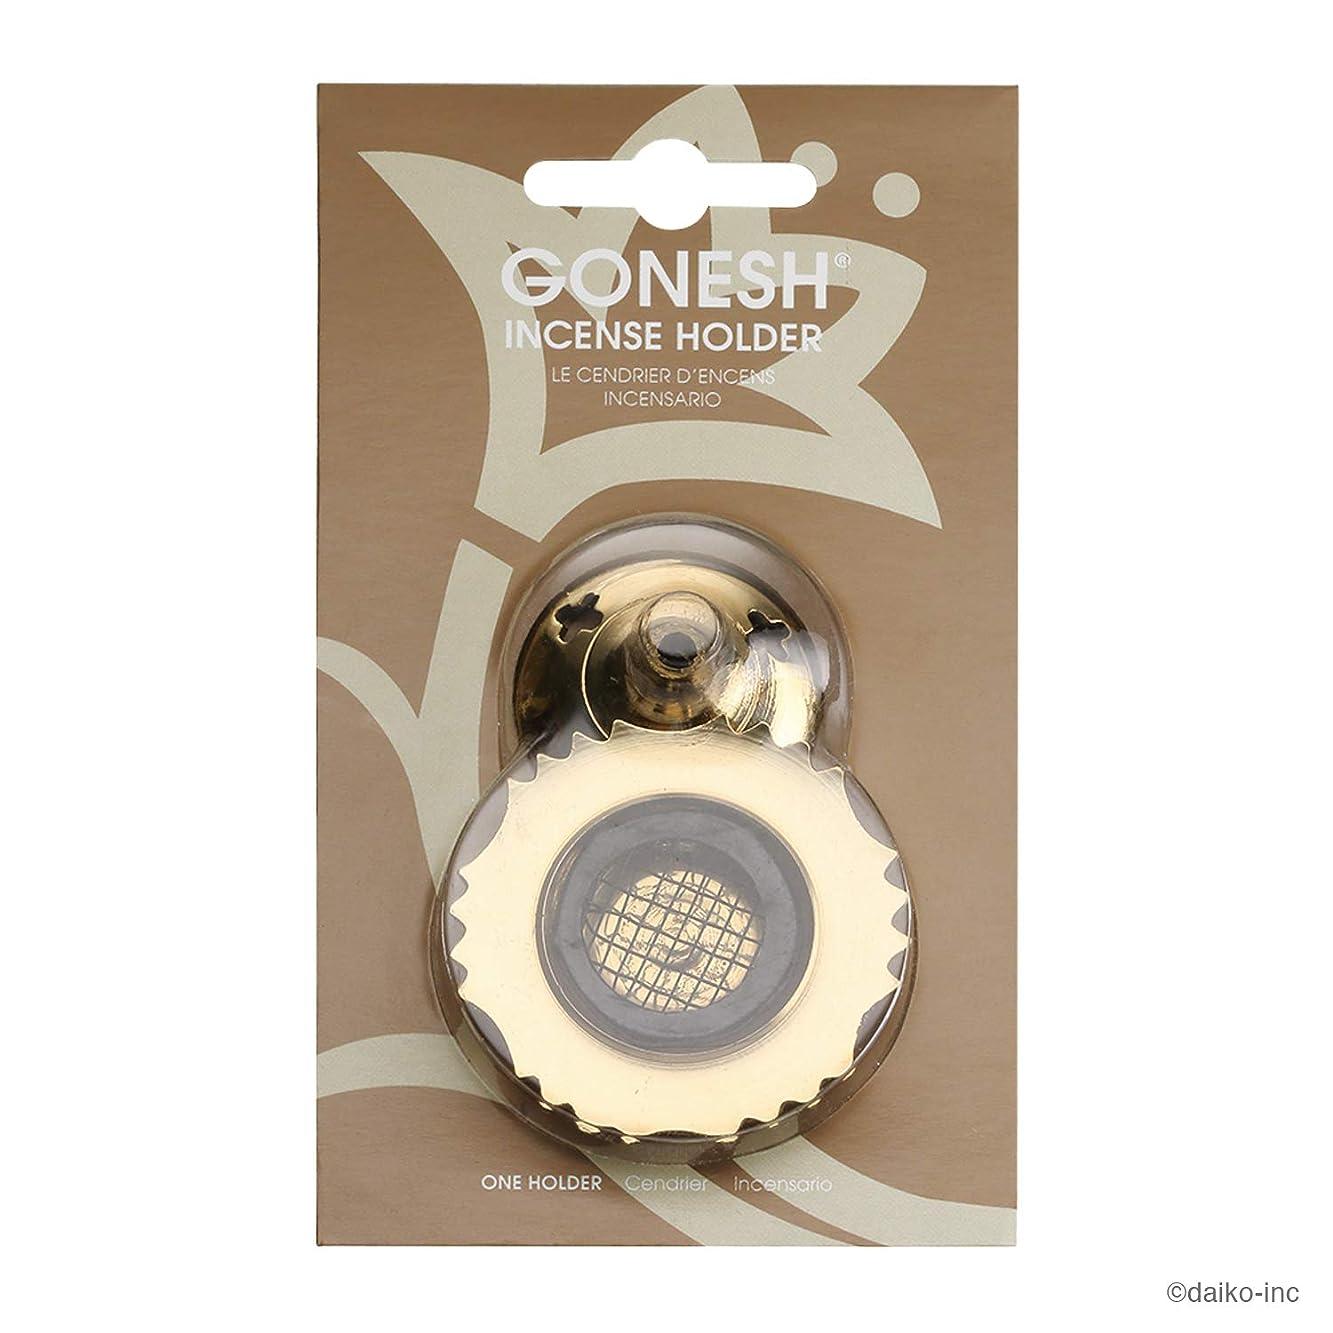 洗練農業のギャップガーネッシュ(GONESH) インセンスホルダー メッシュブラス (お香立て)